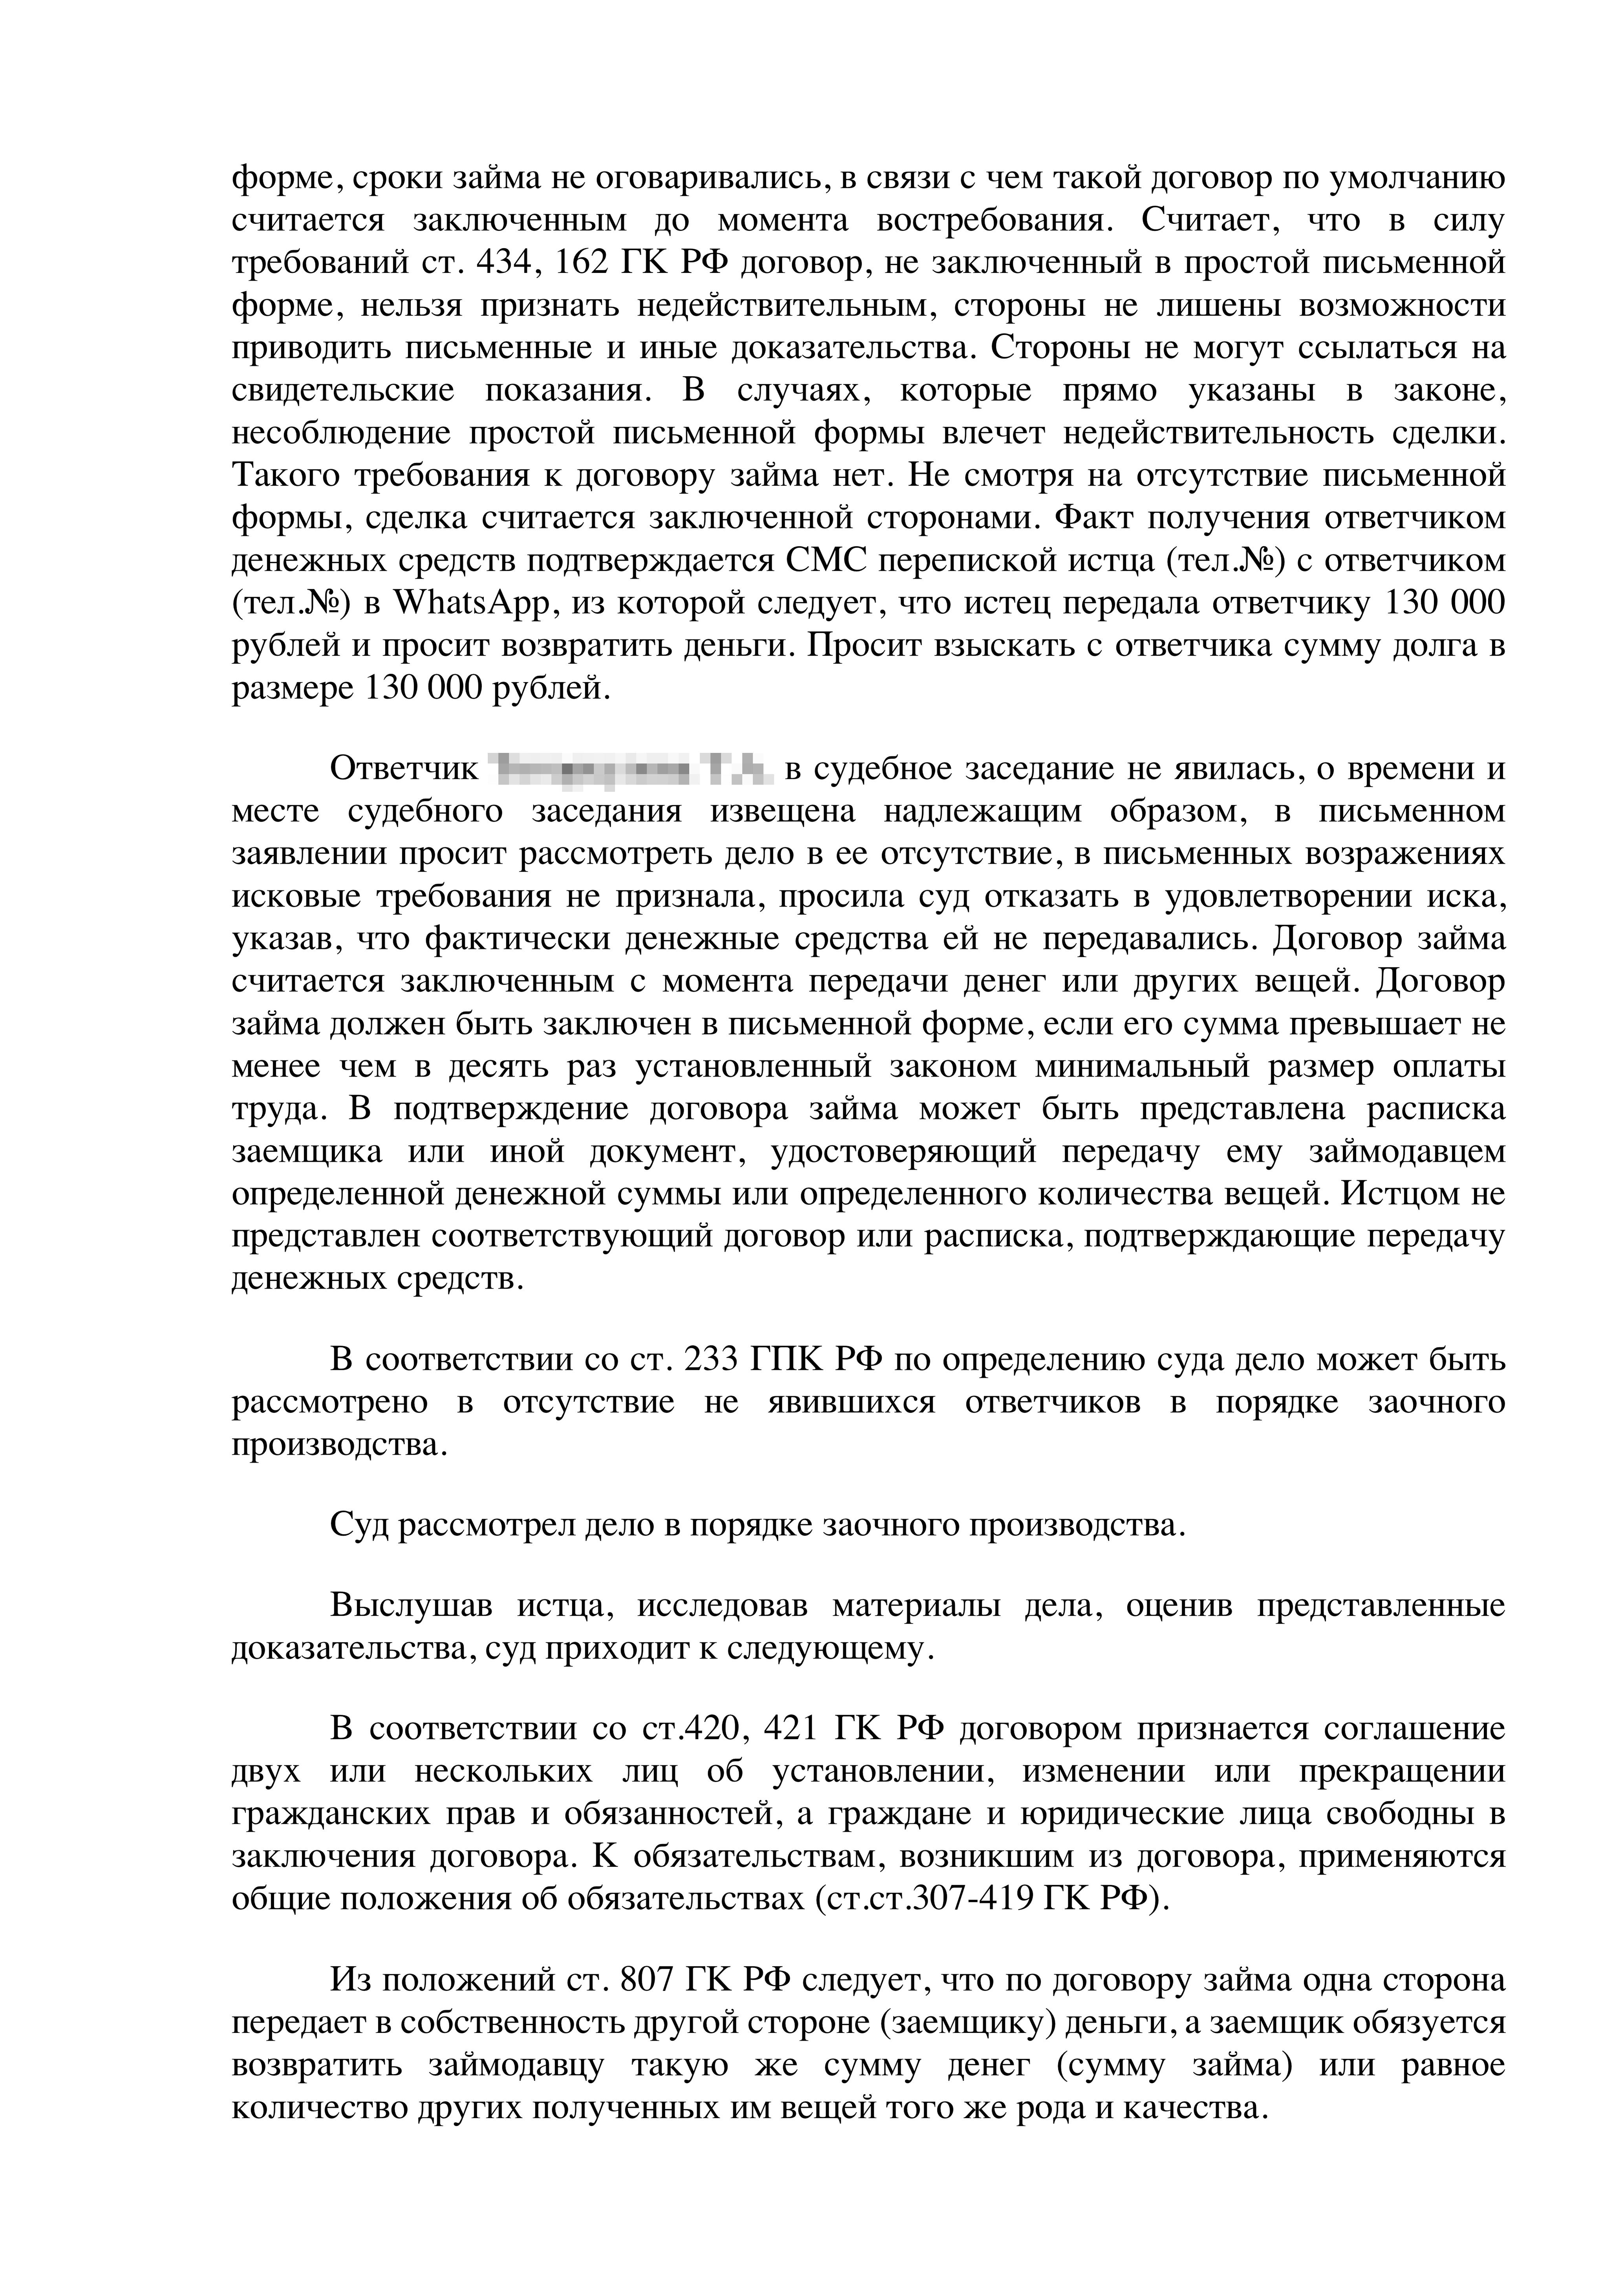 Договор поручительства по договору займа с залоговым обеспечением